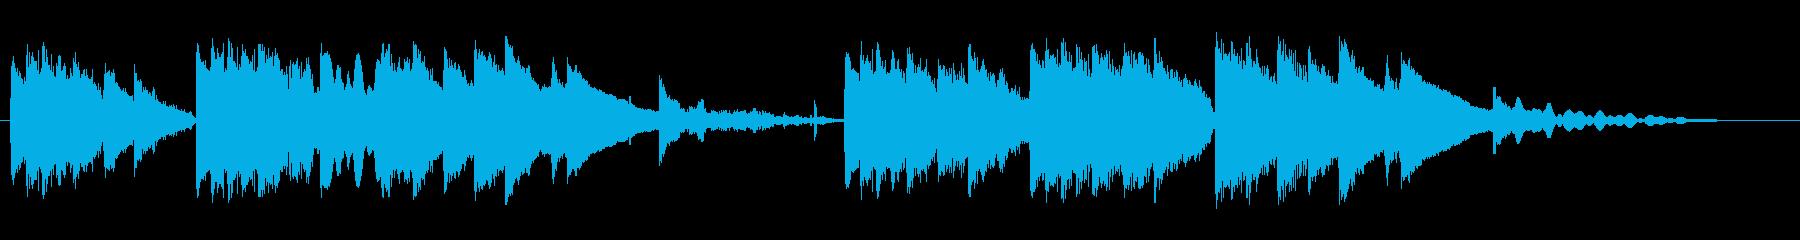 小鳥のさえずりとピアノ 静かなひとときの再生済みの波形